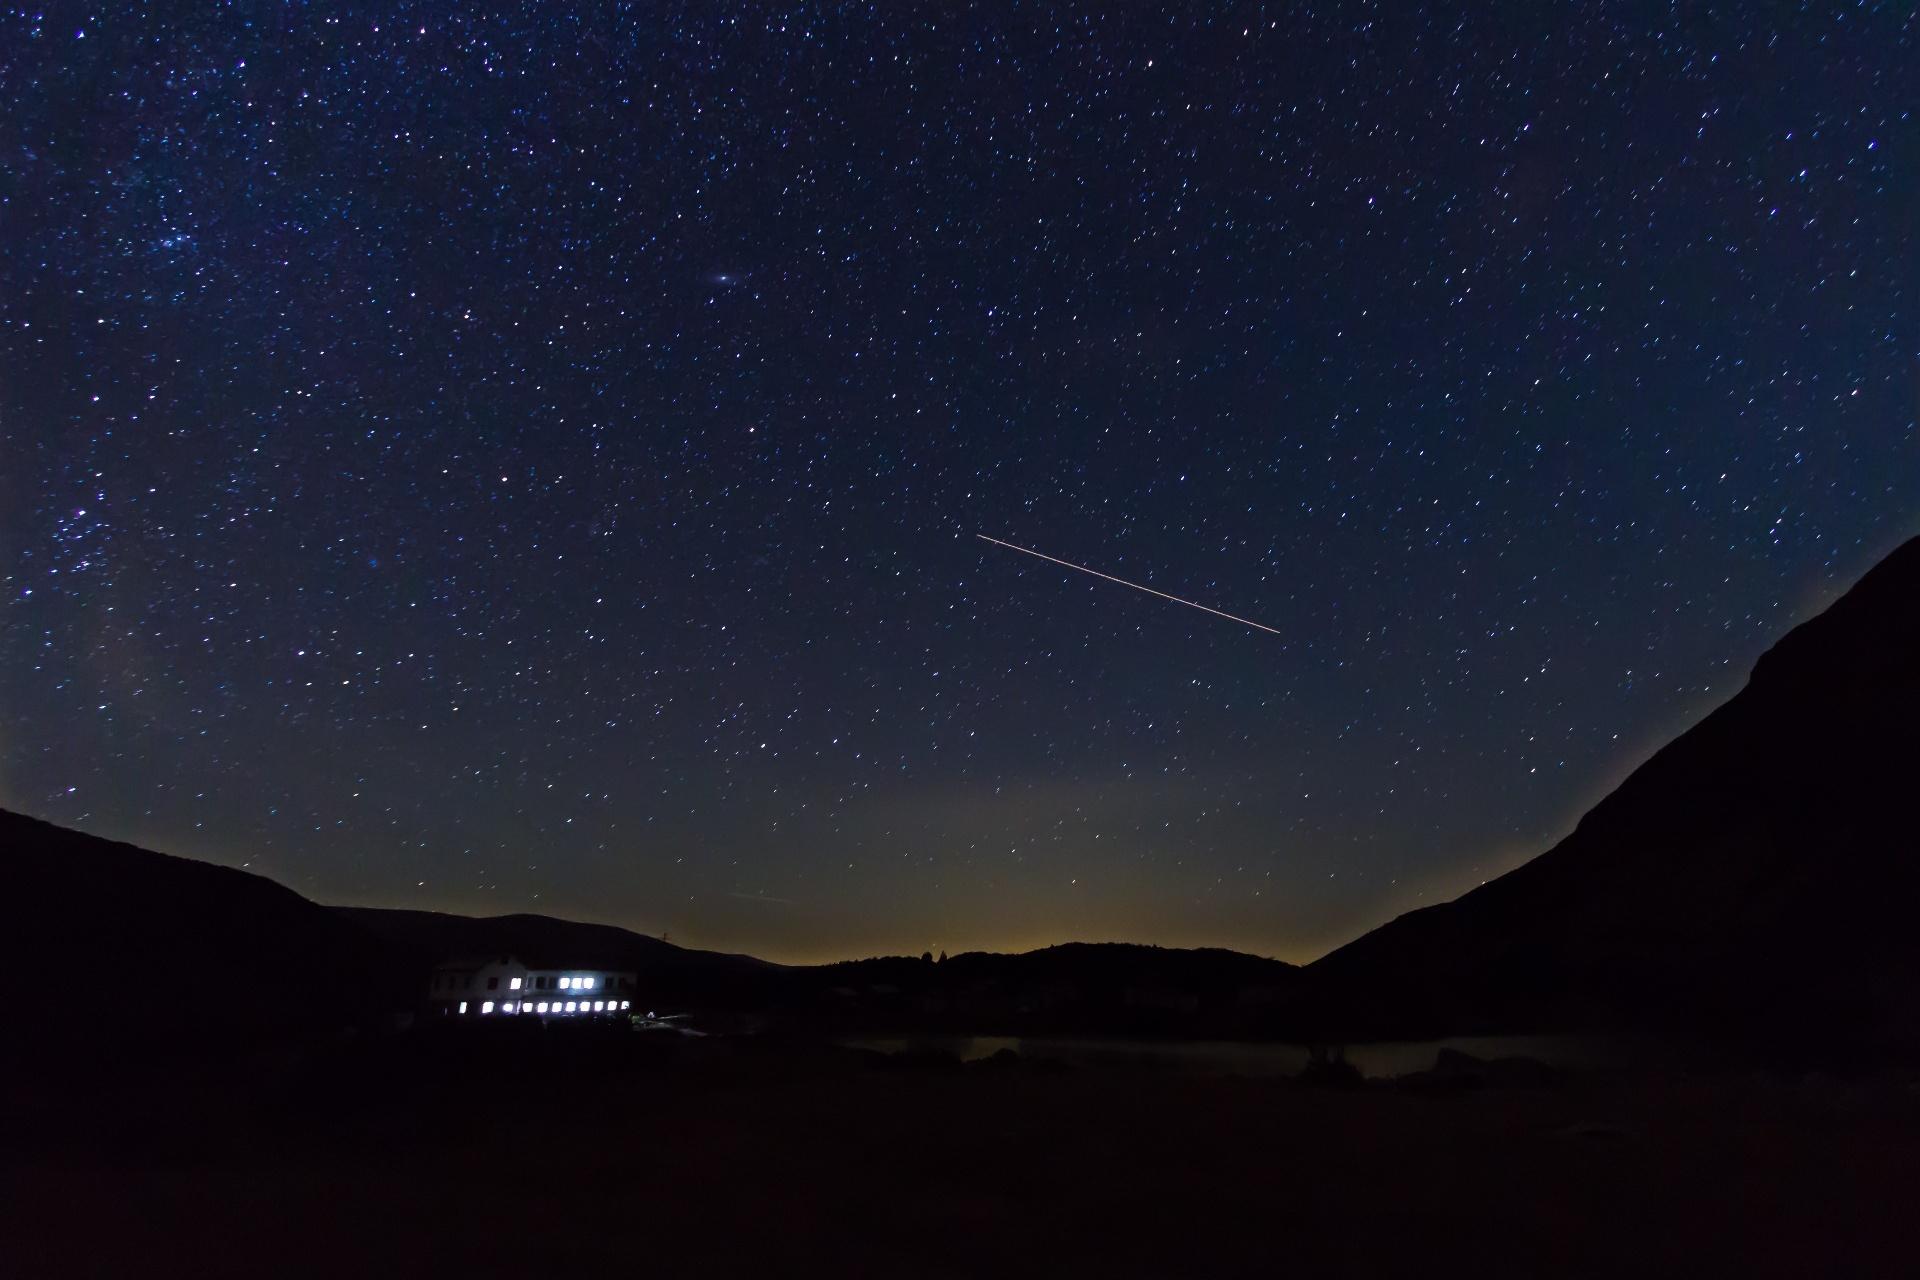 流れ星と満天の星空 リラ国立公園 ブルガリアの風景